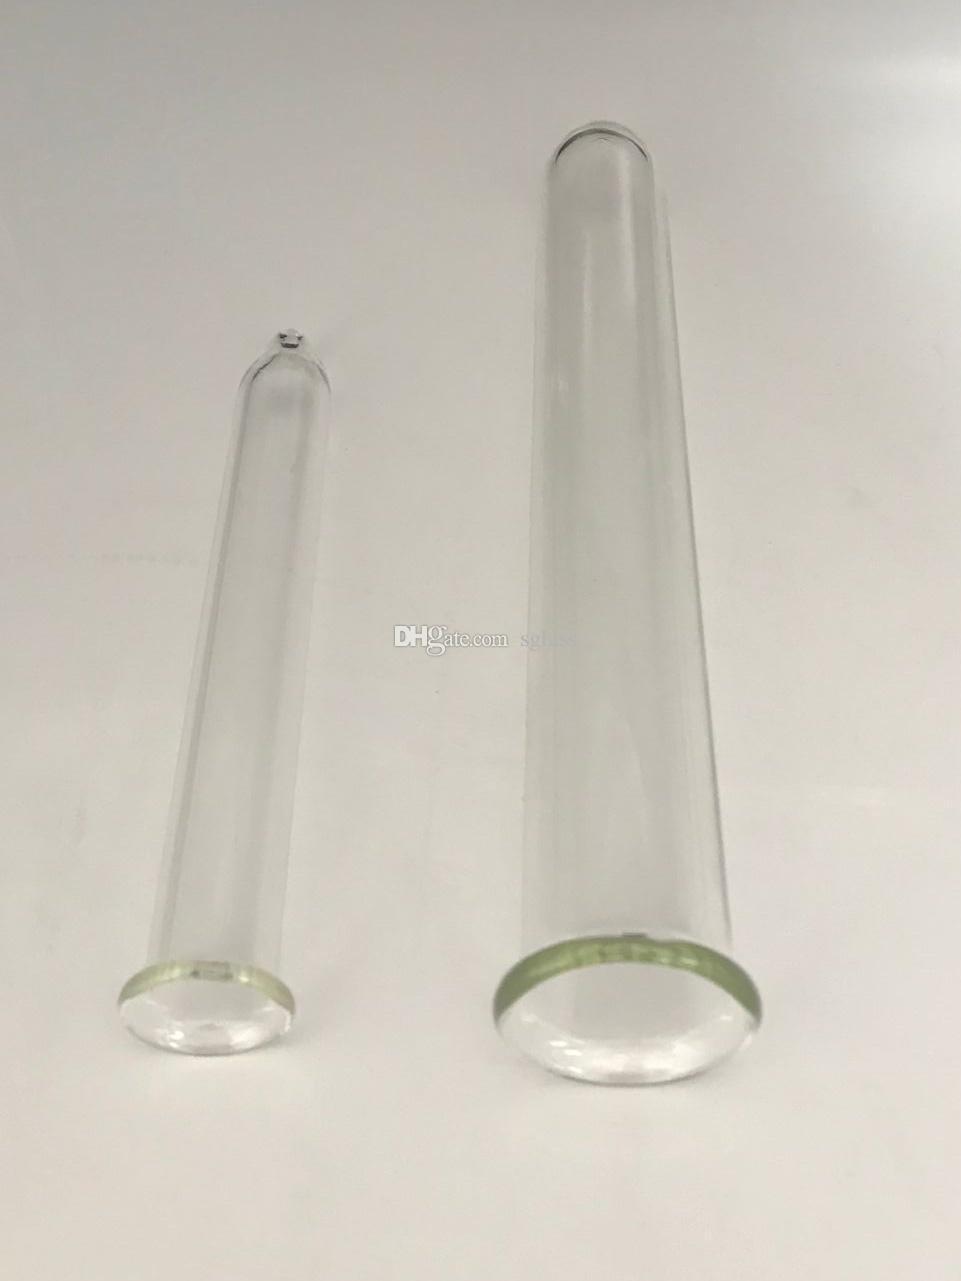 الزجاج مستخرج، أنبوب مستخرج، واستخراج الزيوت النباتية 8 بوصة و 12 بوصة tueb الزجاج السميك، دواليب الجودة، أدوات زجاجية مخصصة للتدخين، بونغ الزجاج